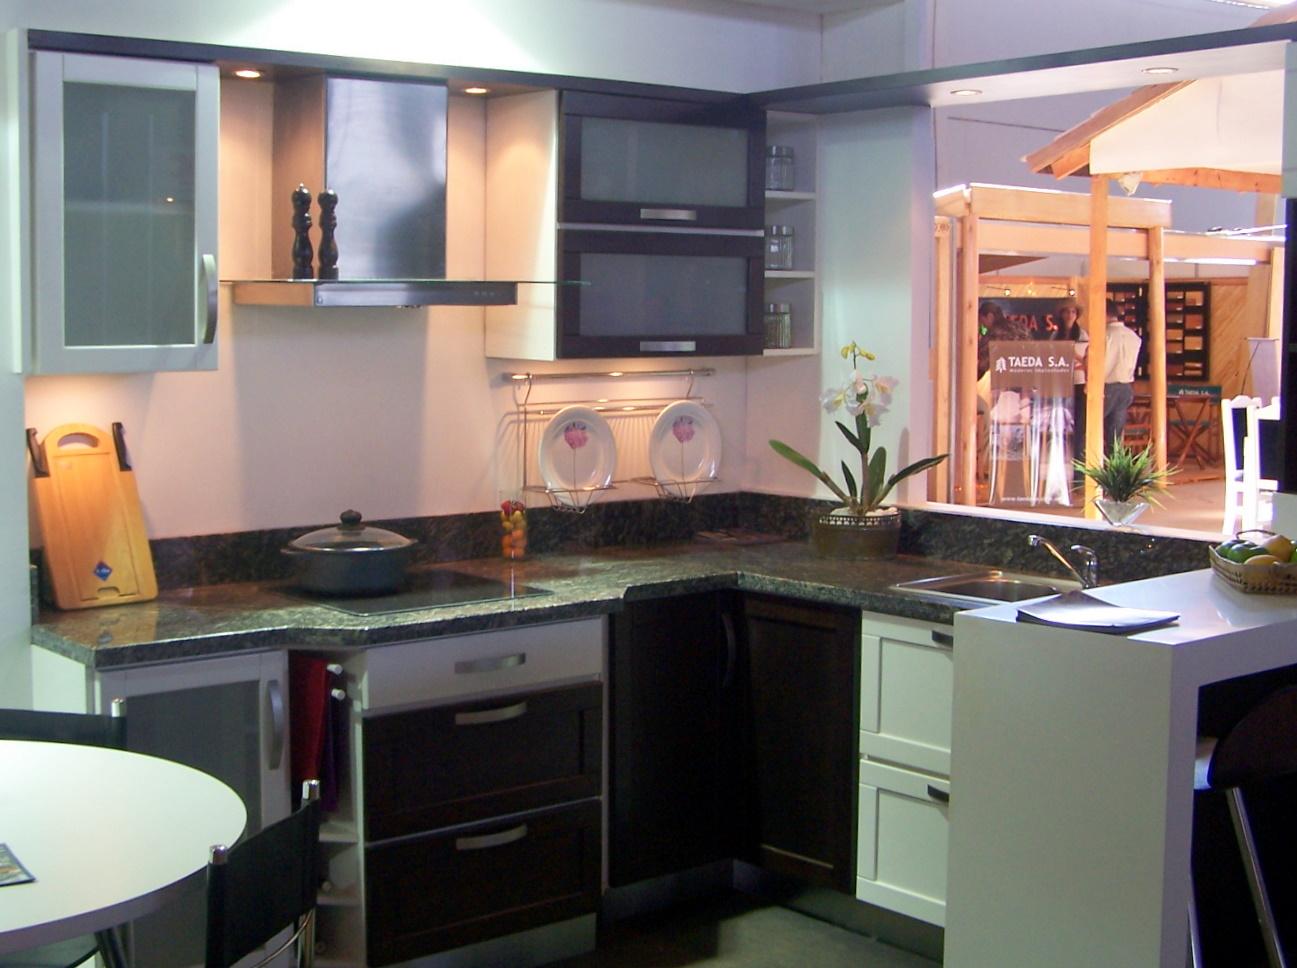 Cosas Buscadas La Obra Juegos De Cocina Comedor Diseno De  # Muebles Posadas Misiones